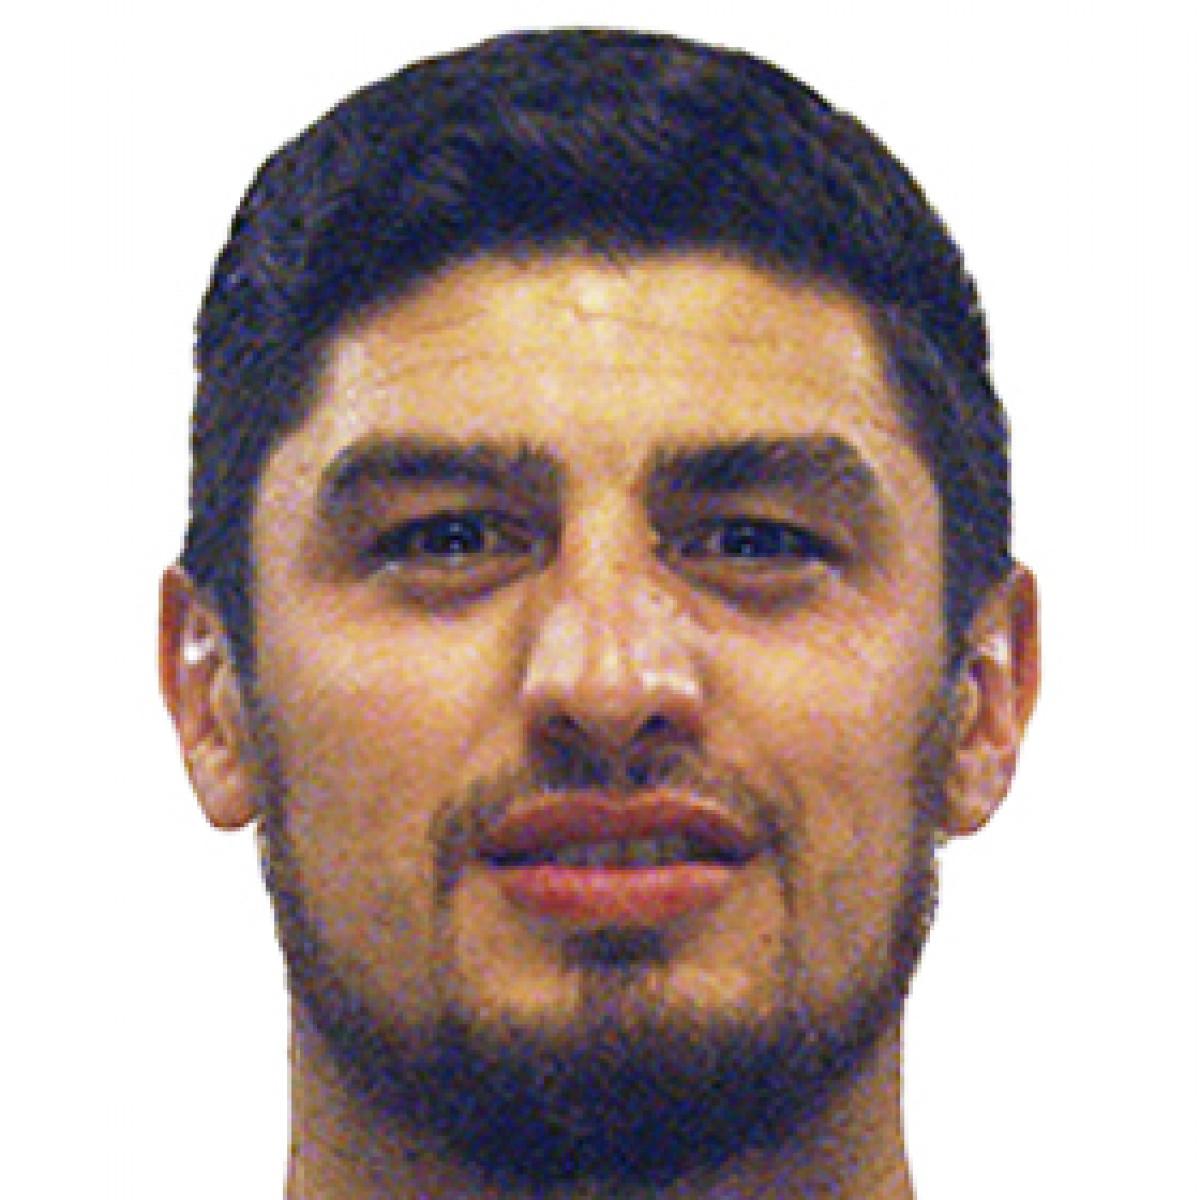 Emiliano   Basabe